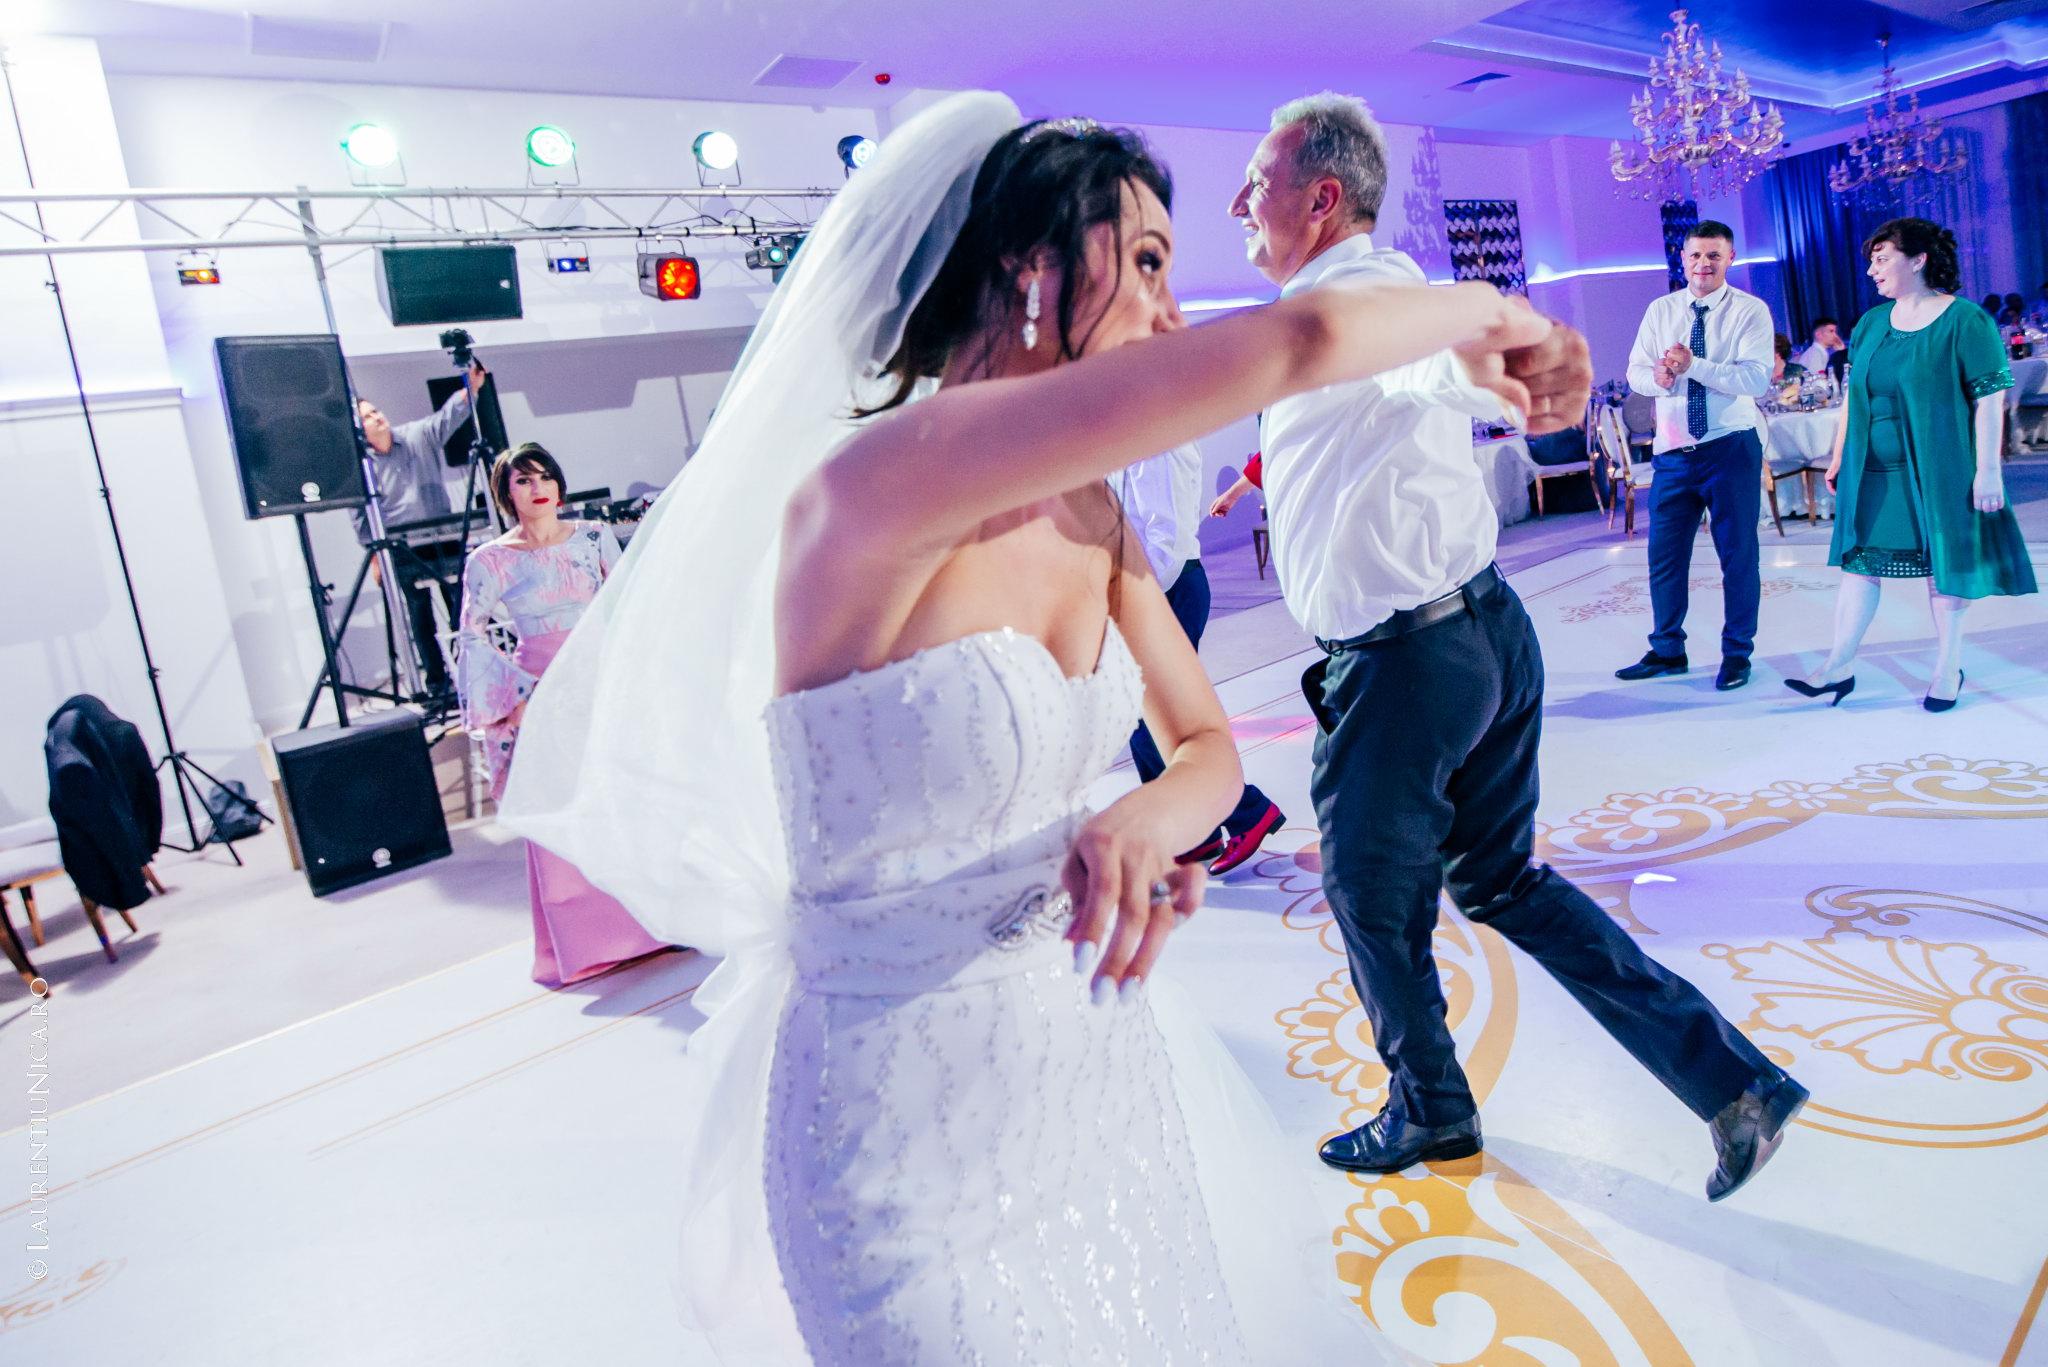 fotografii nunta denisa si florin craiova 54 - Denisa & Florin | Fotografii nunta | Craiova